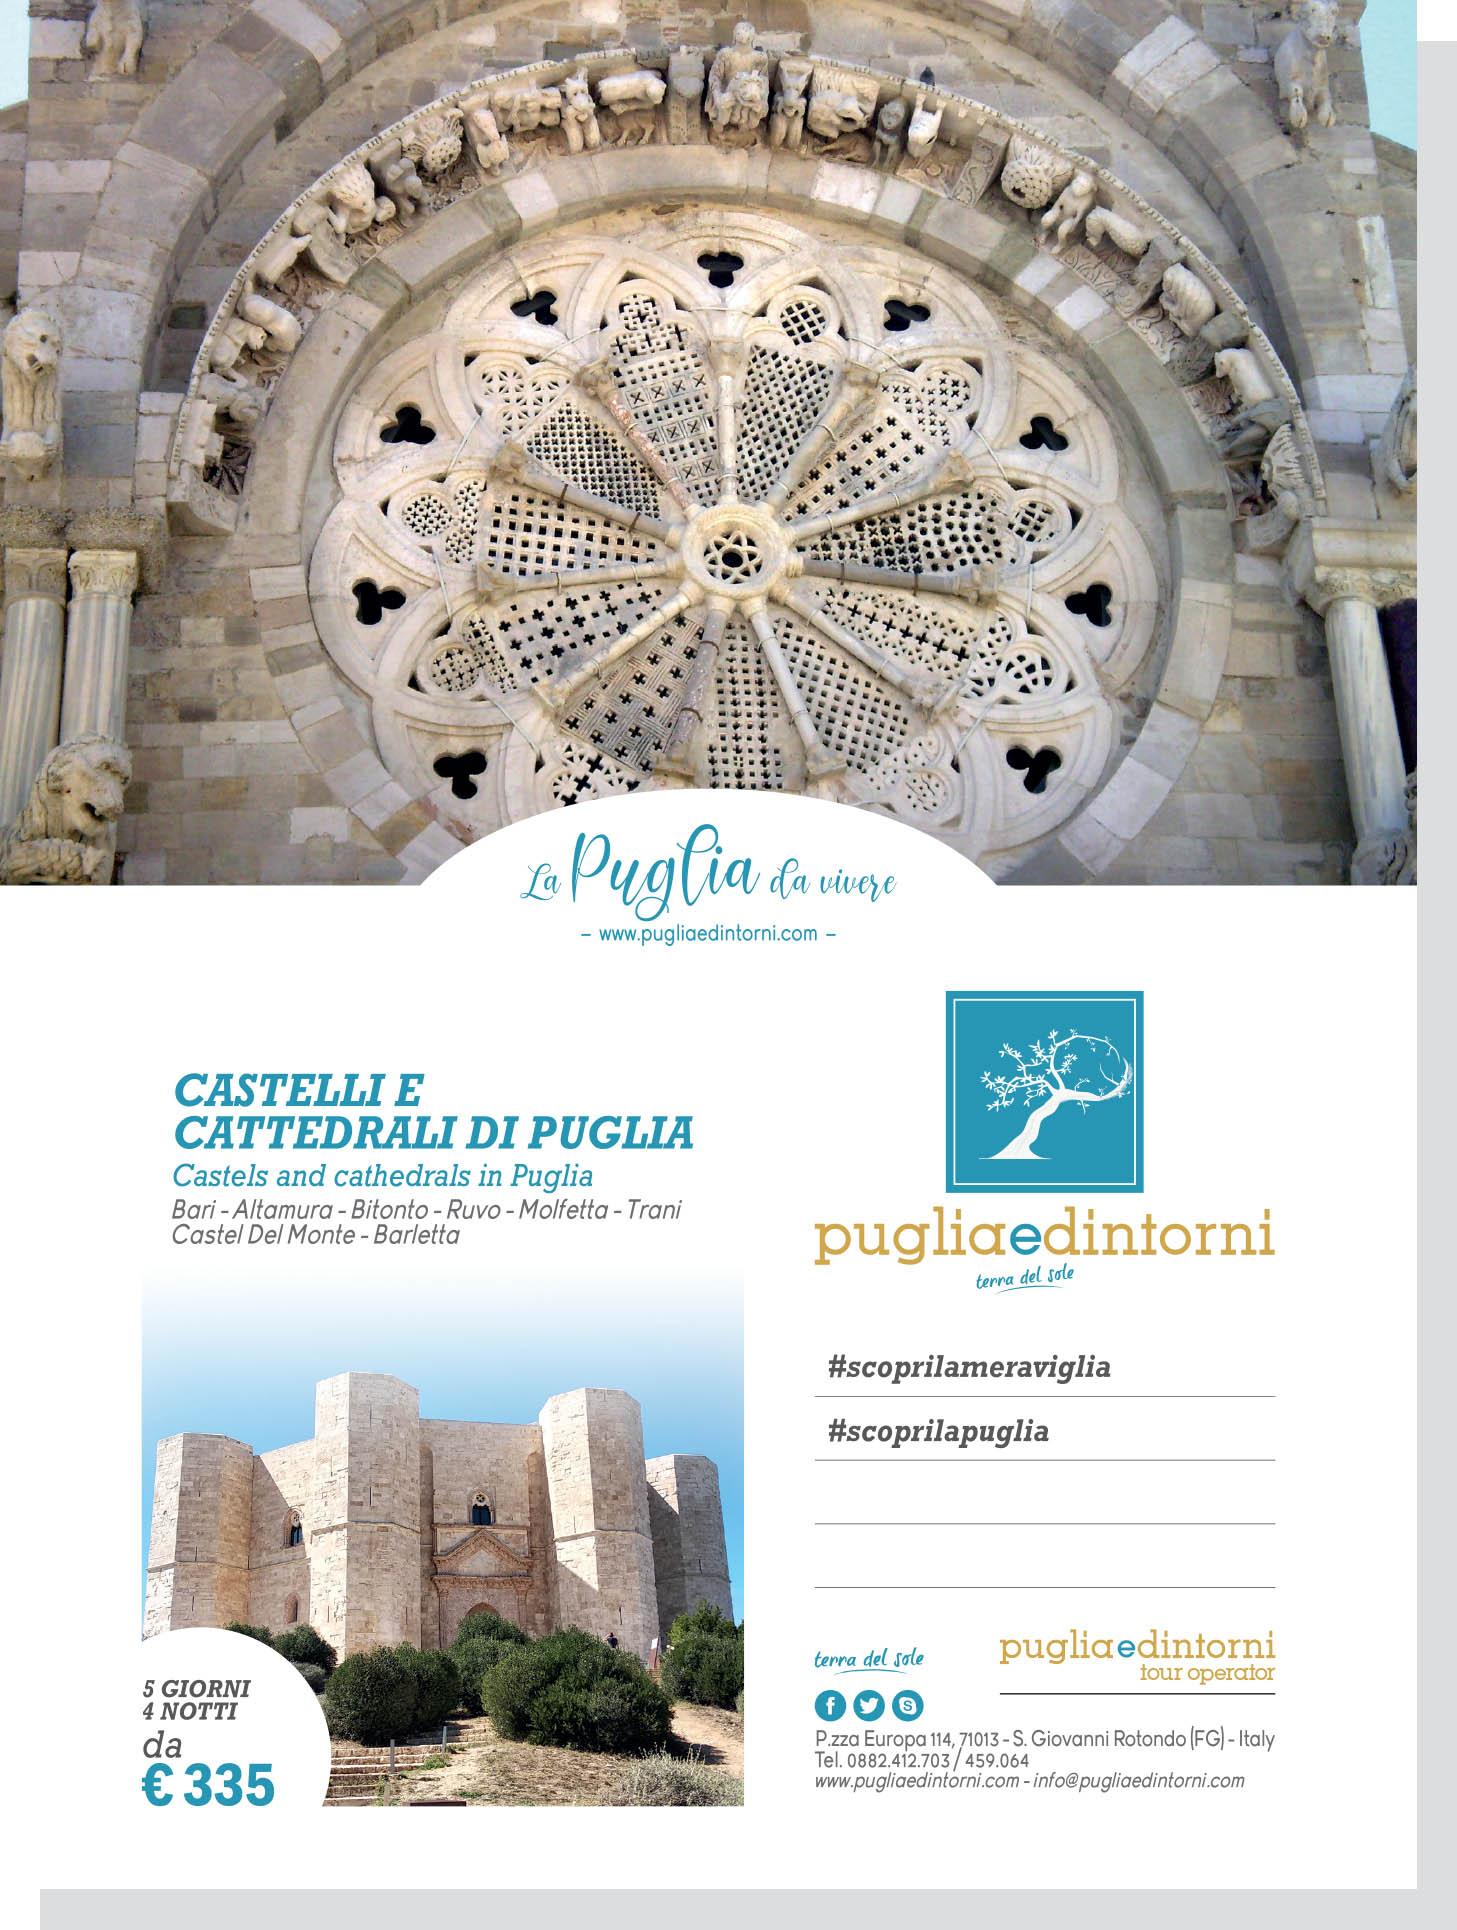 Castelli e Cattedrali di Puglia - Pugliaedintorni